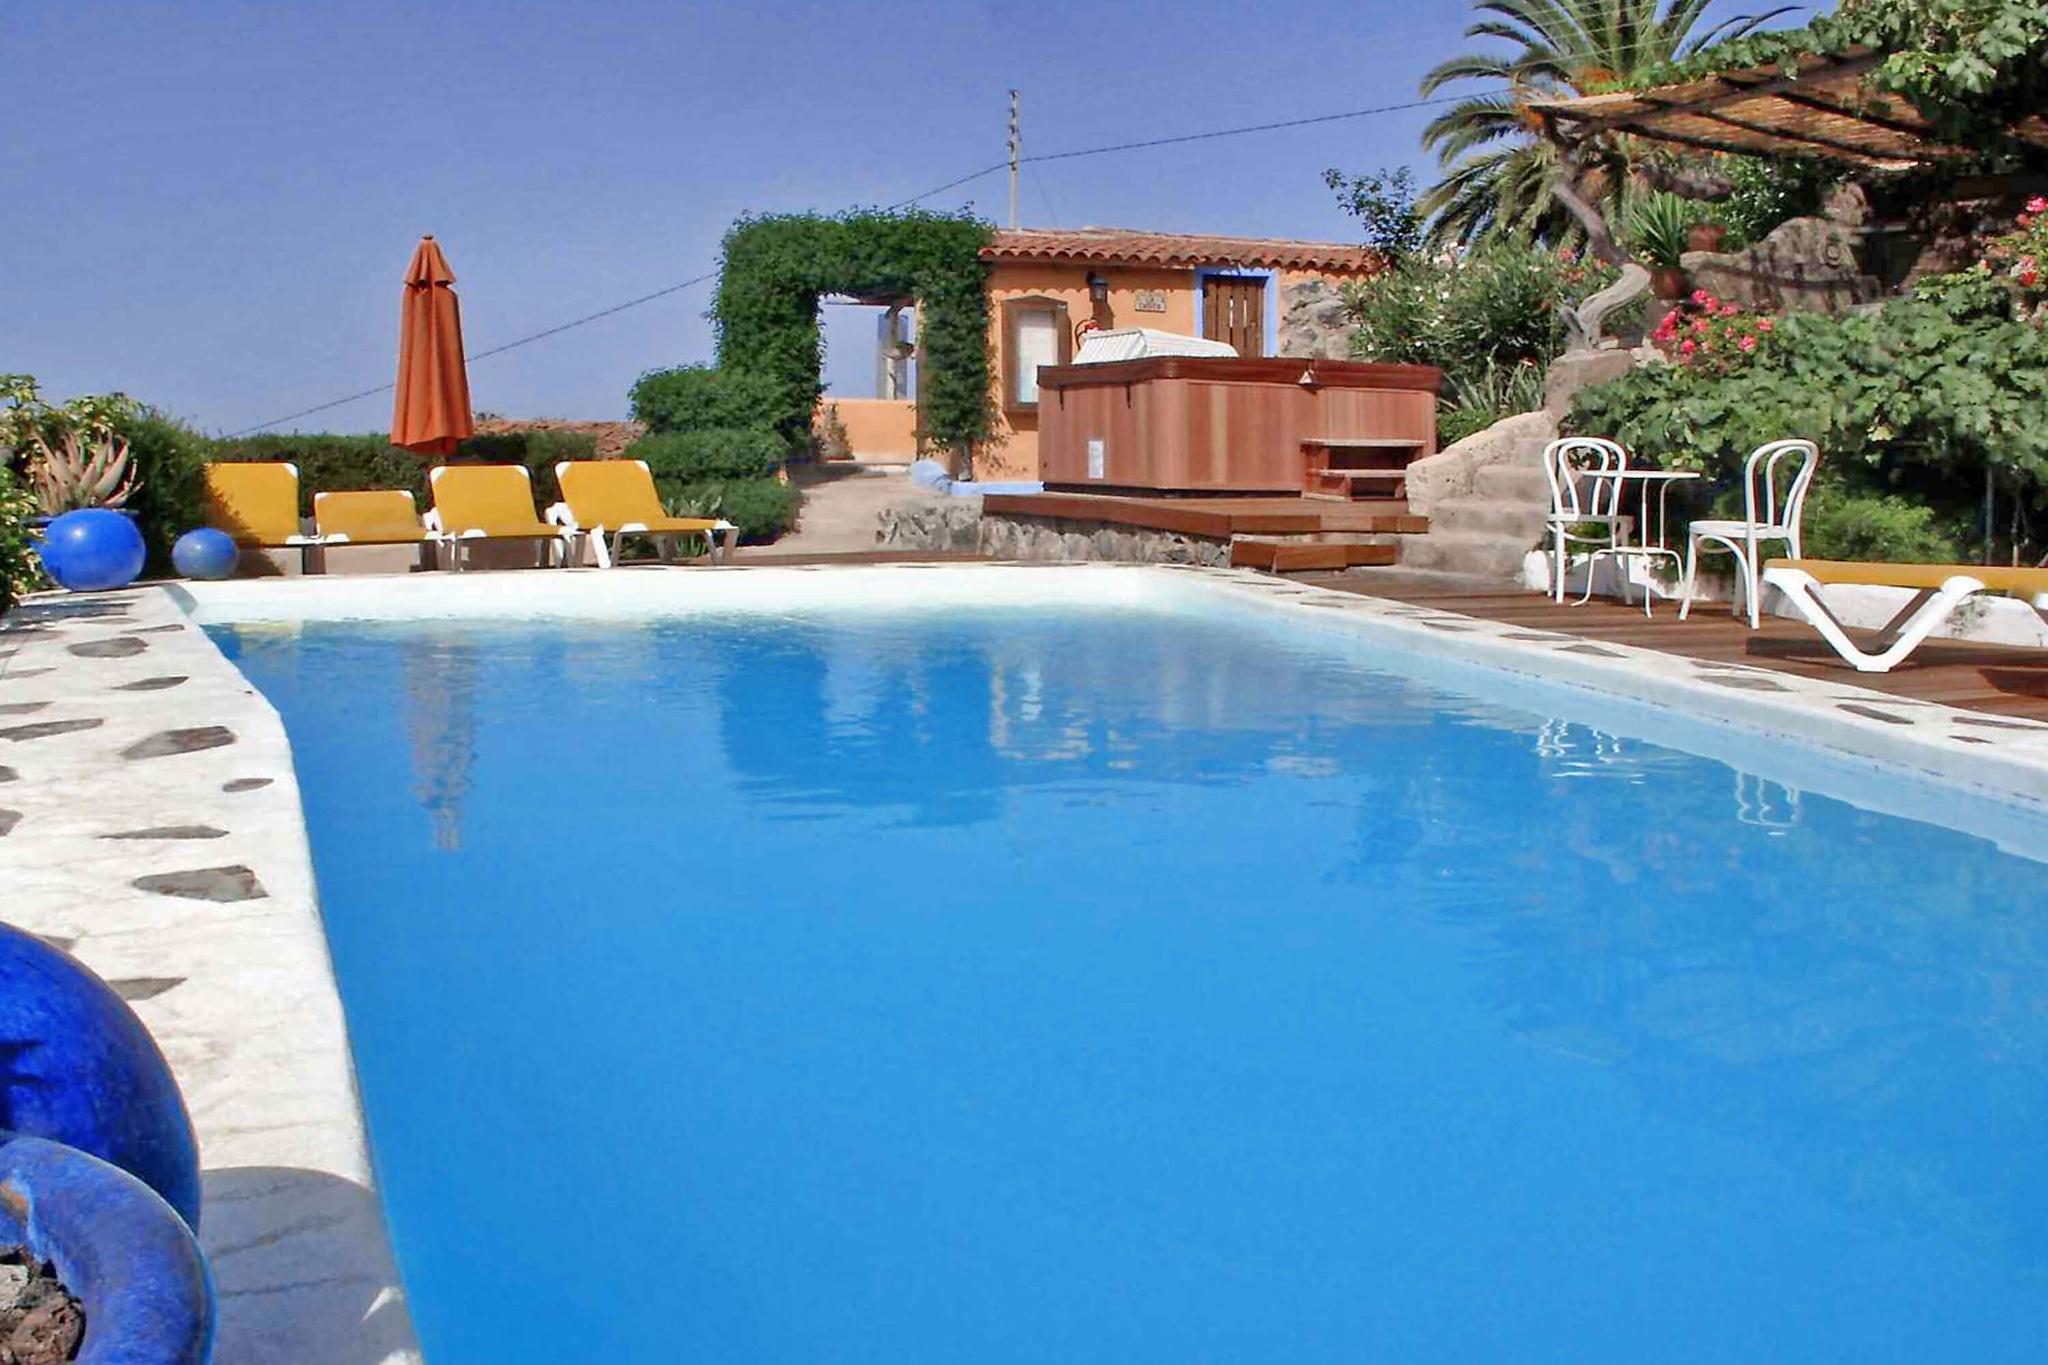 Charmerende landsted for to personer, med landlig stil på en ejendom med fælles pool og smukke haveområde